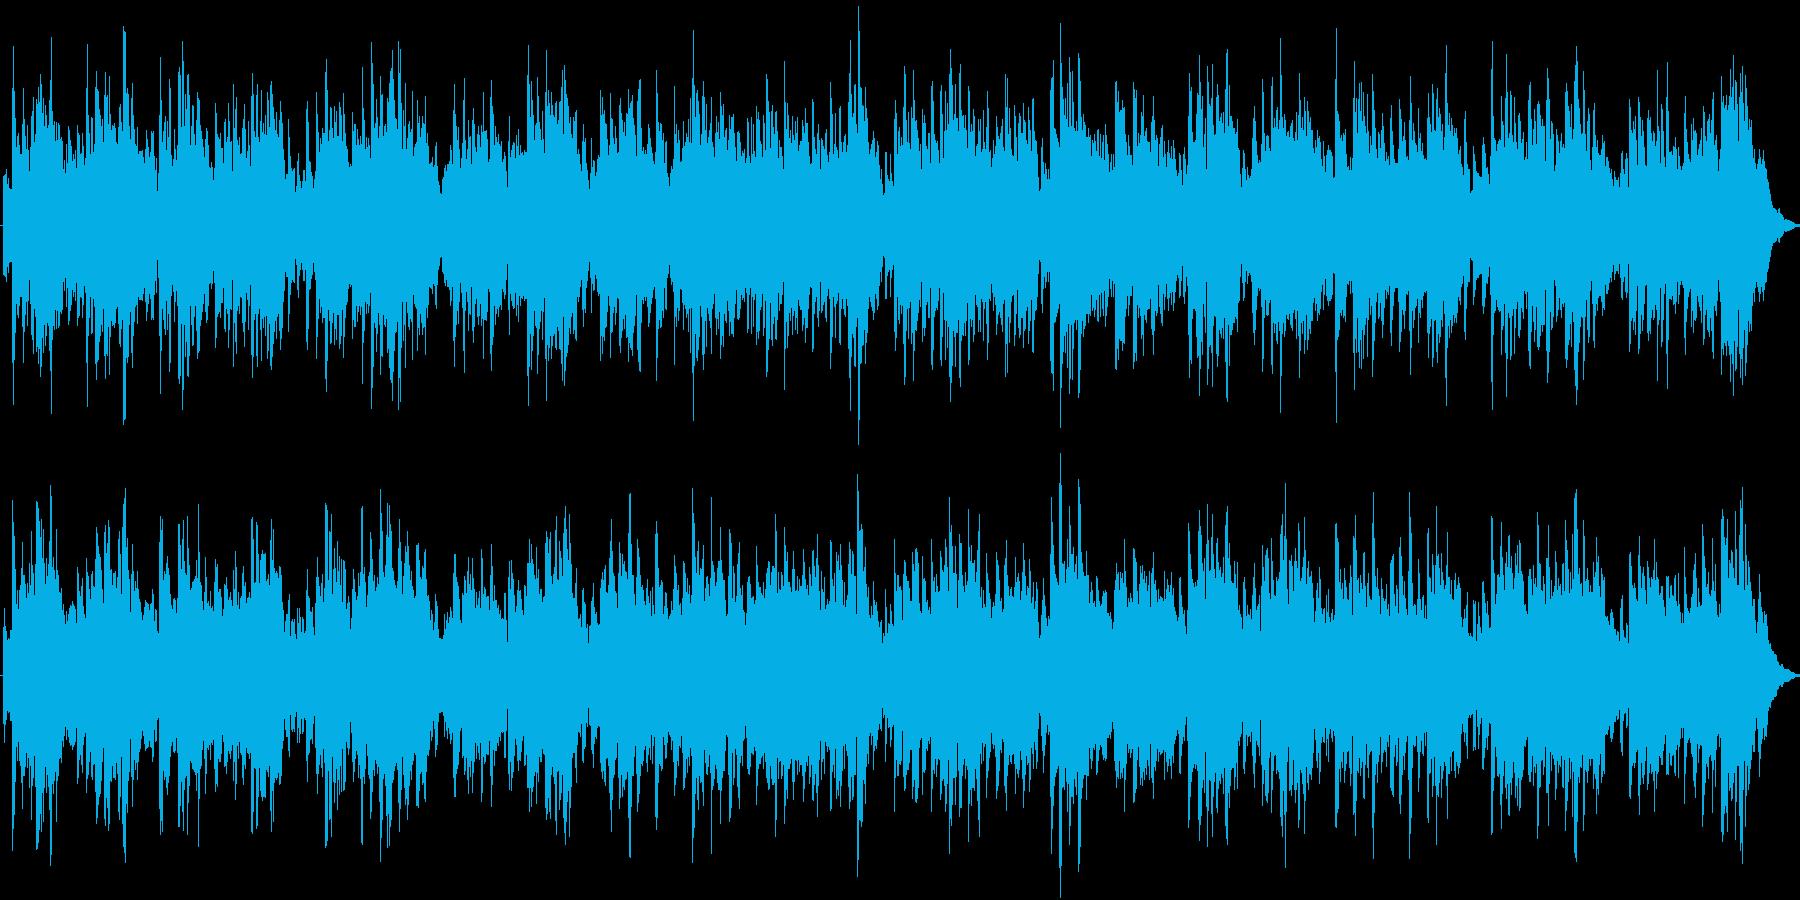 ソル作曲のEstudio作品31の5ですの再生済みの波形